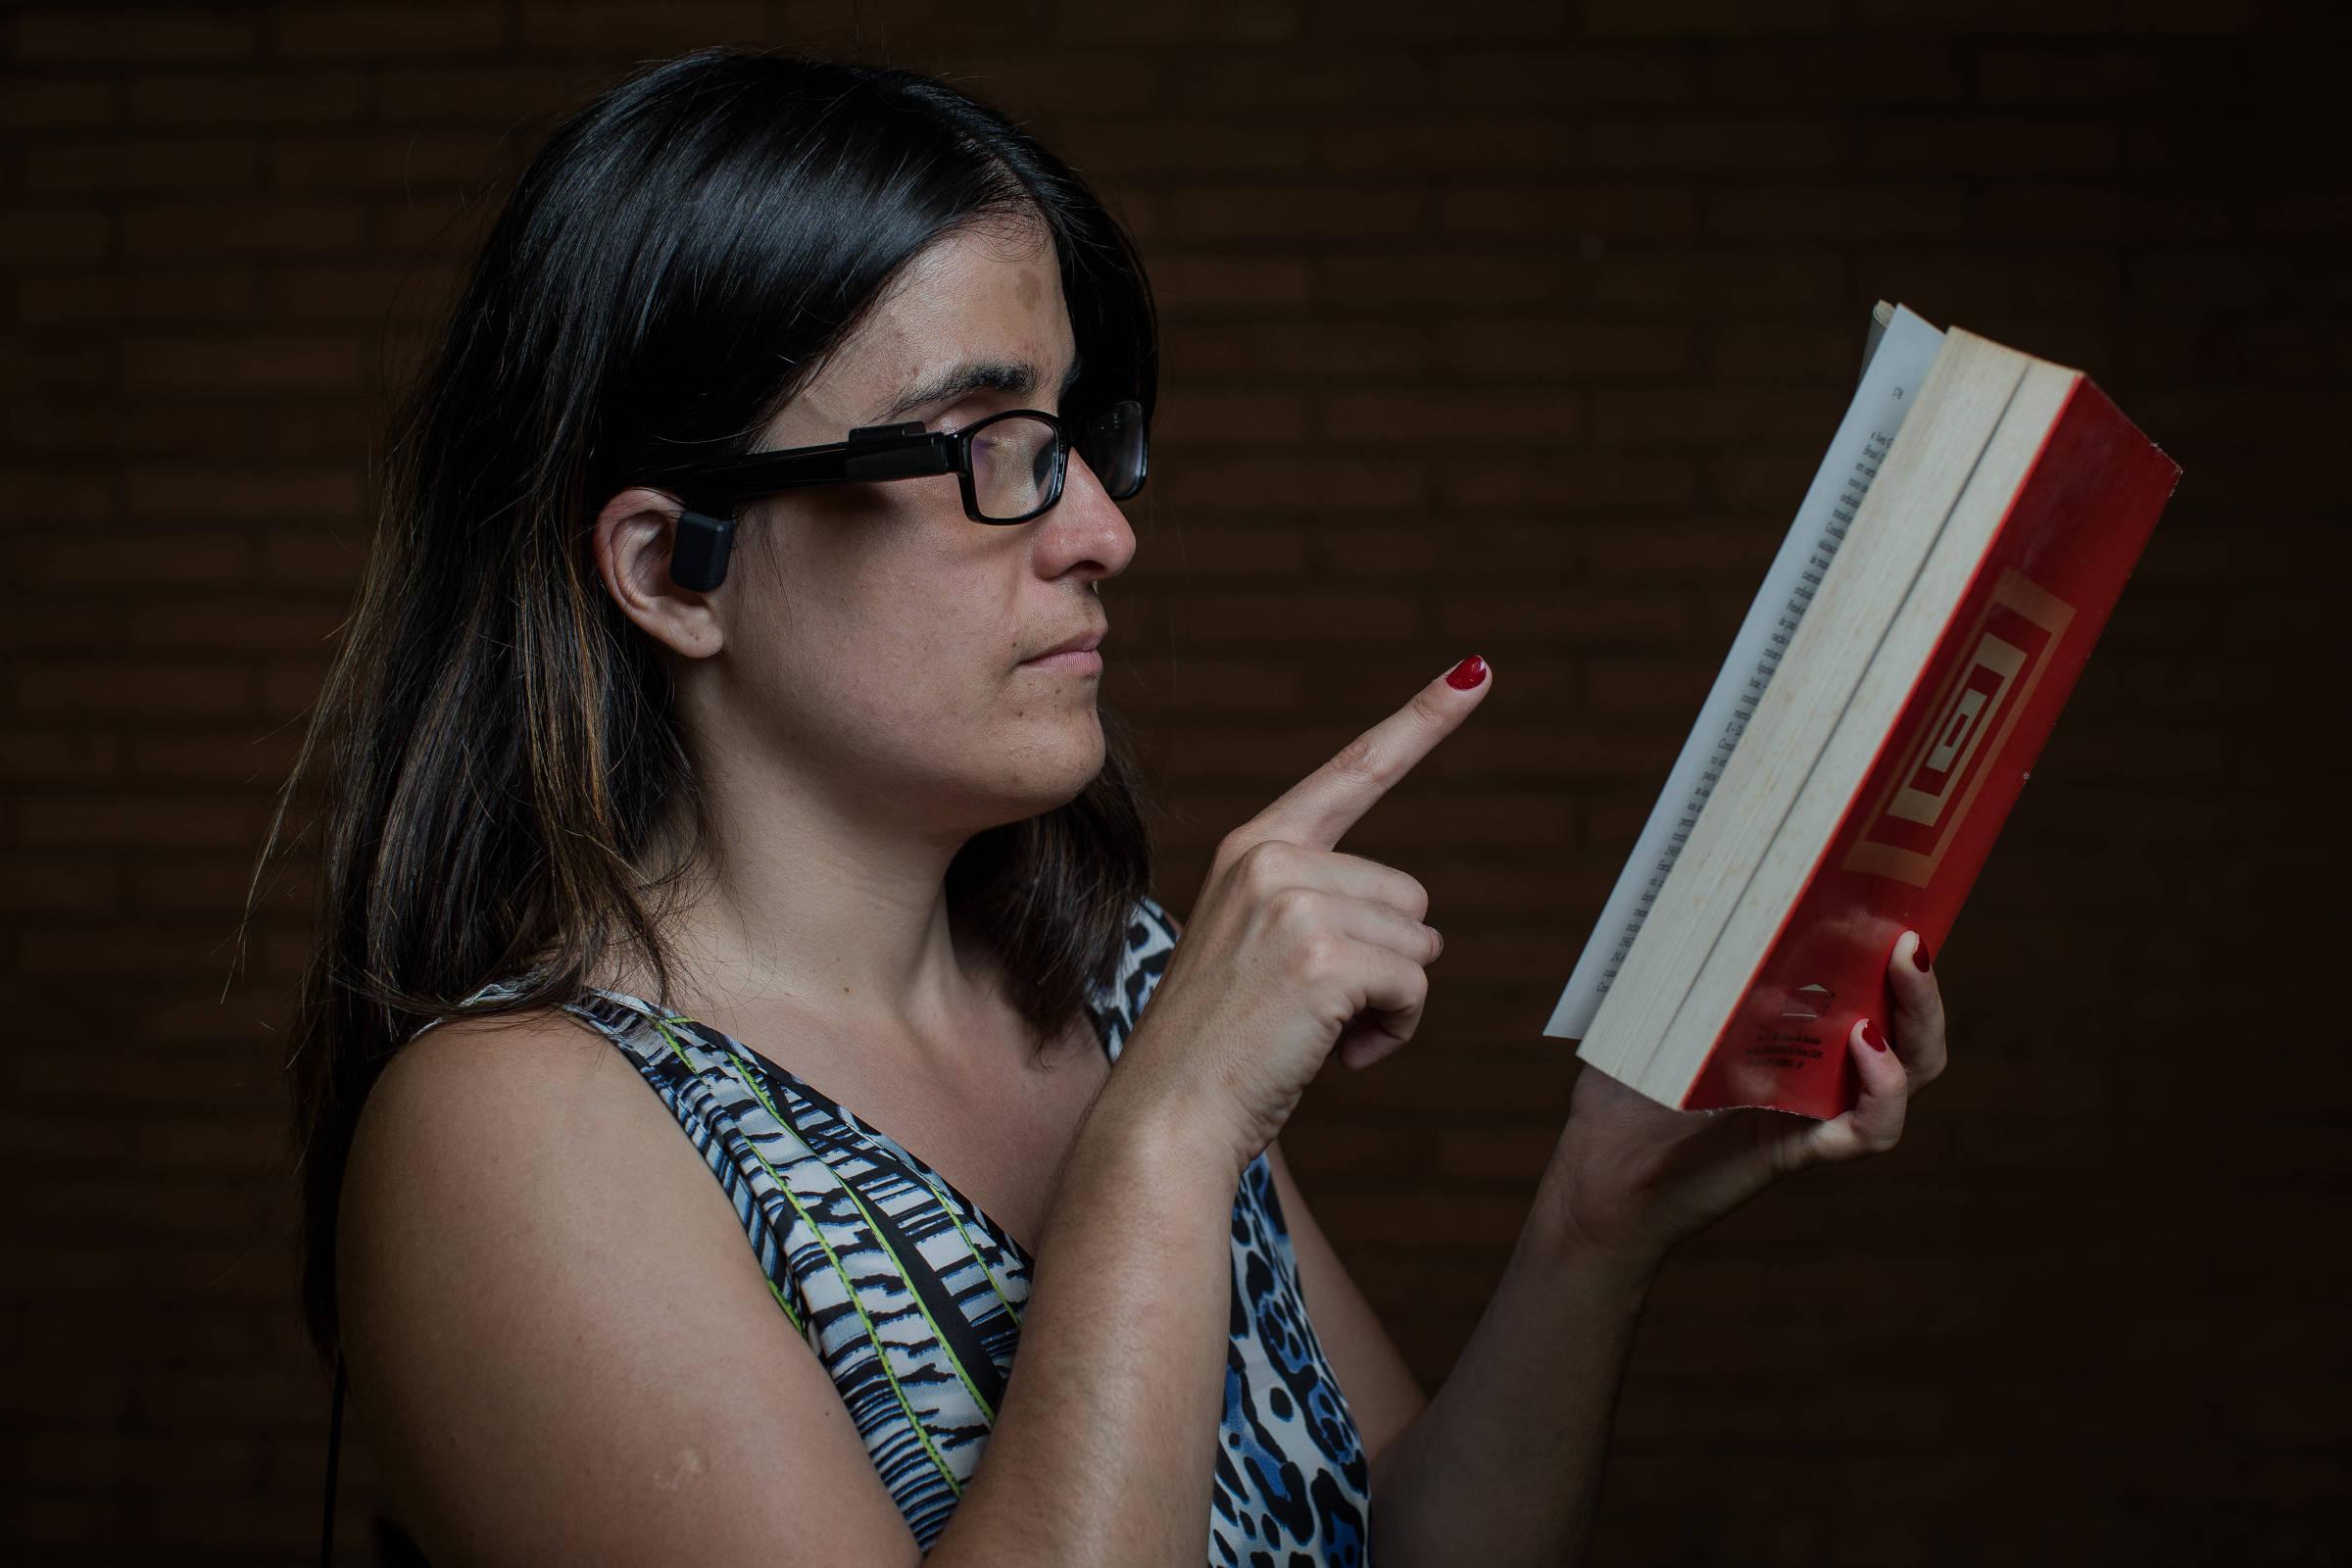 18b1255ff Óculos ajudam deficientes visuais a ler textos e a reconhecer pessoas -  04/03/2018 - Mercado - Folha